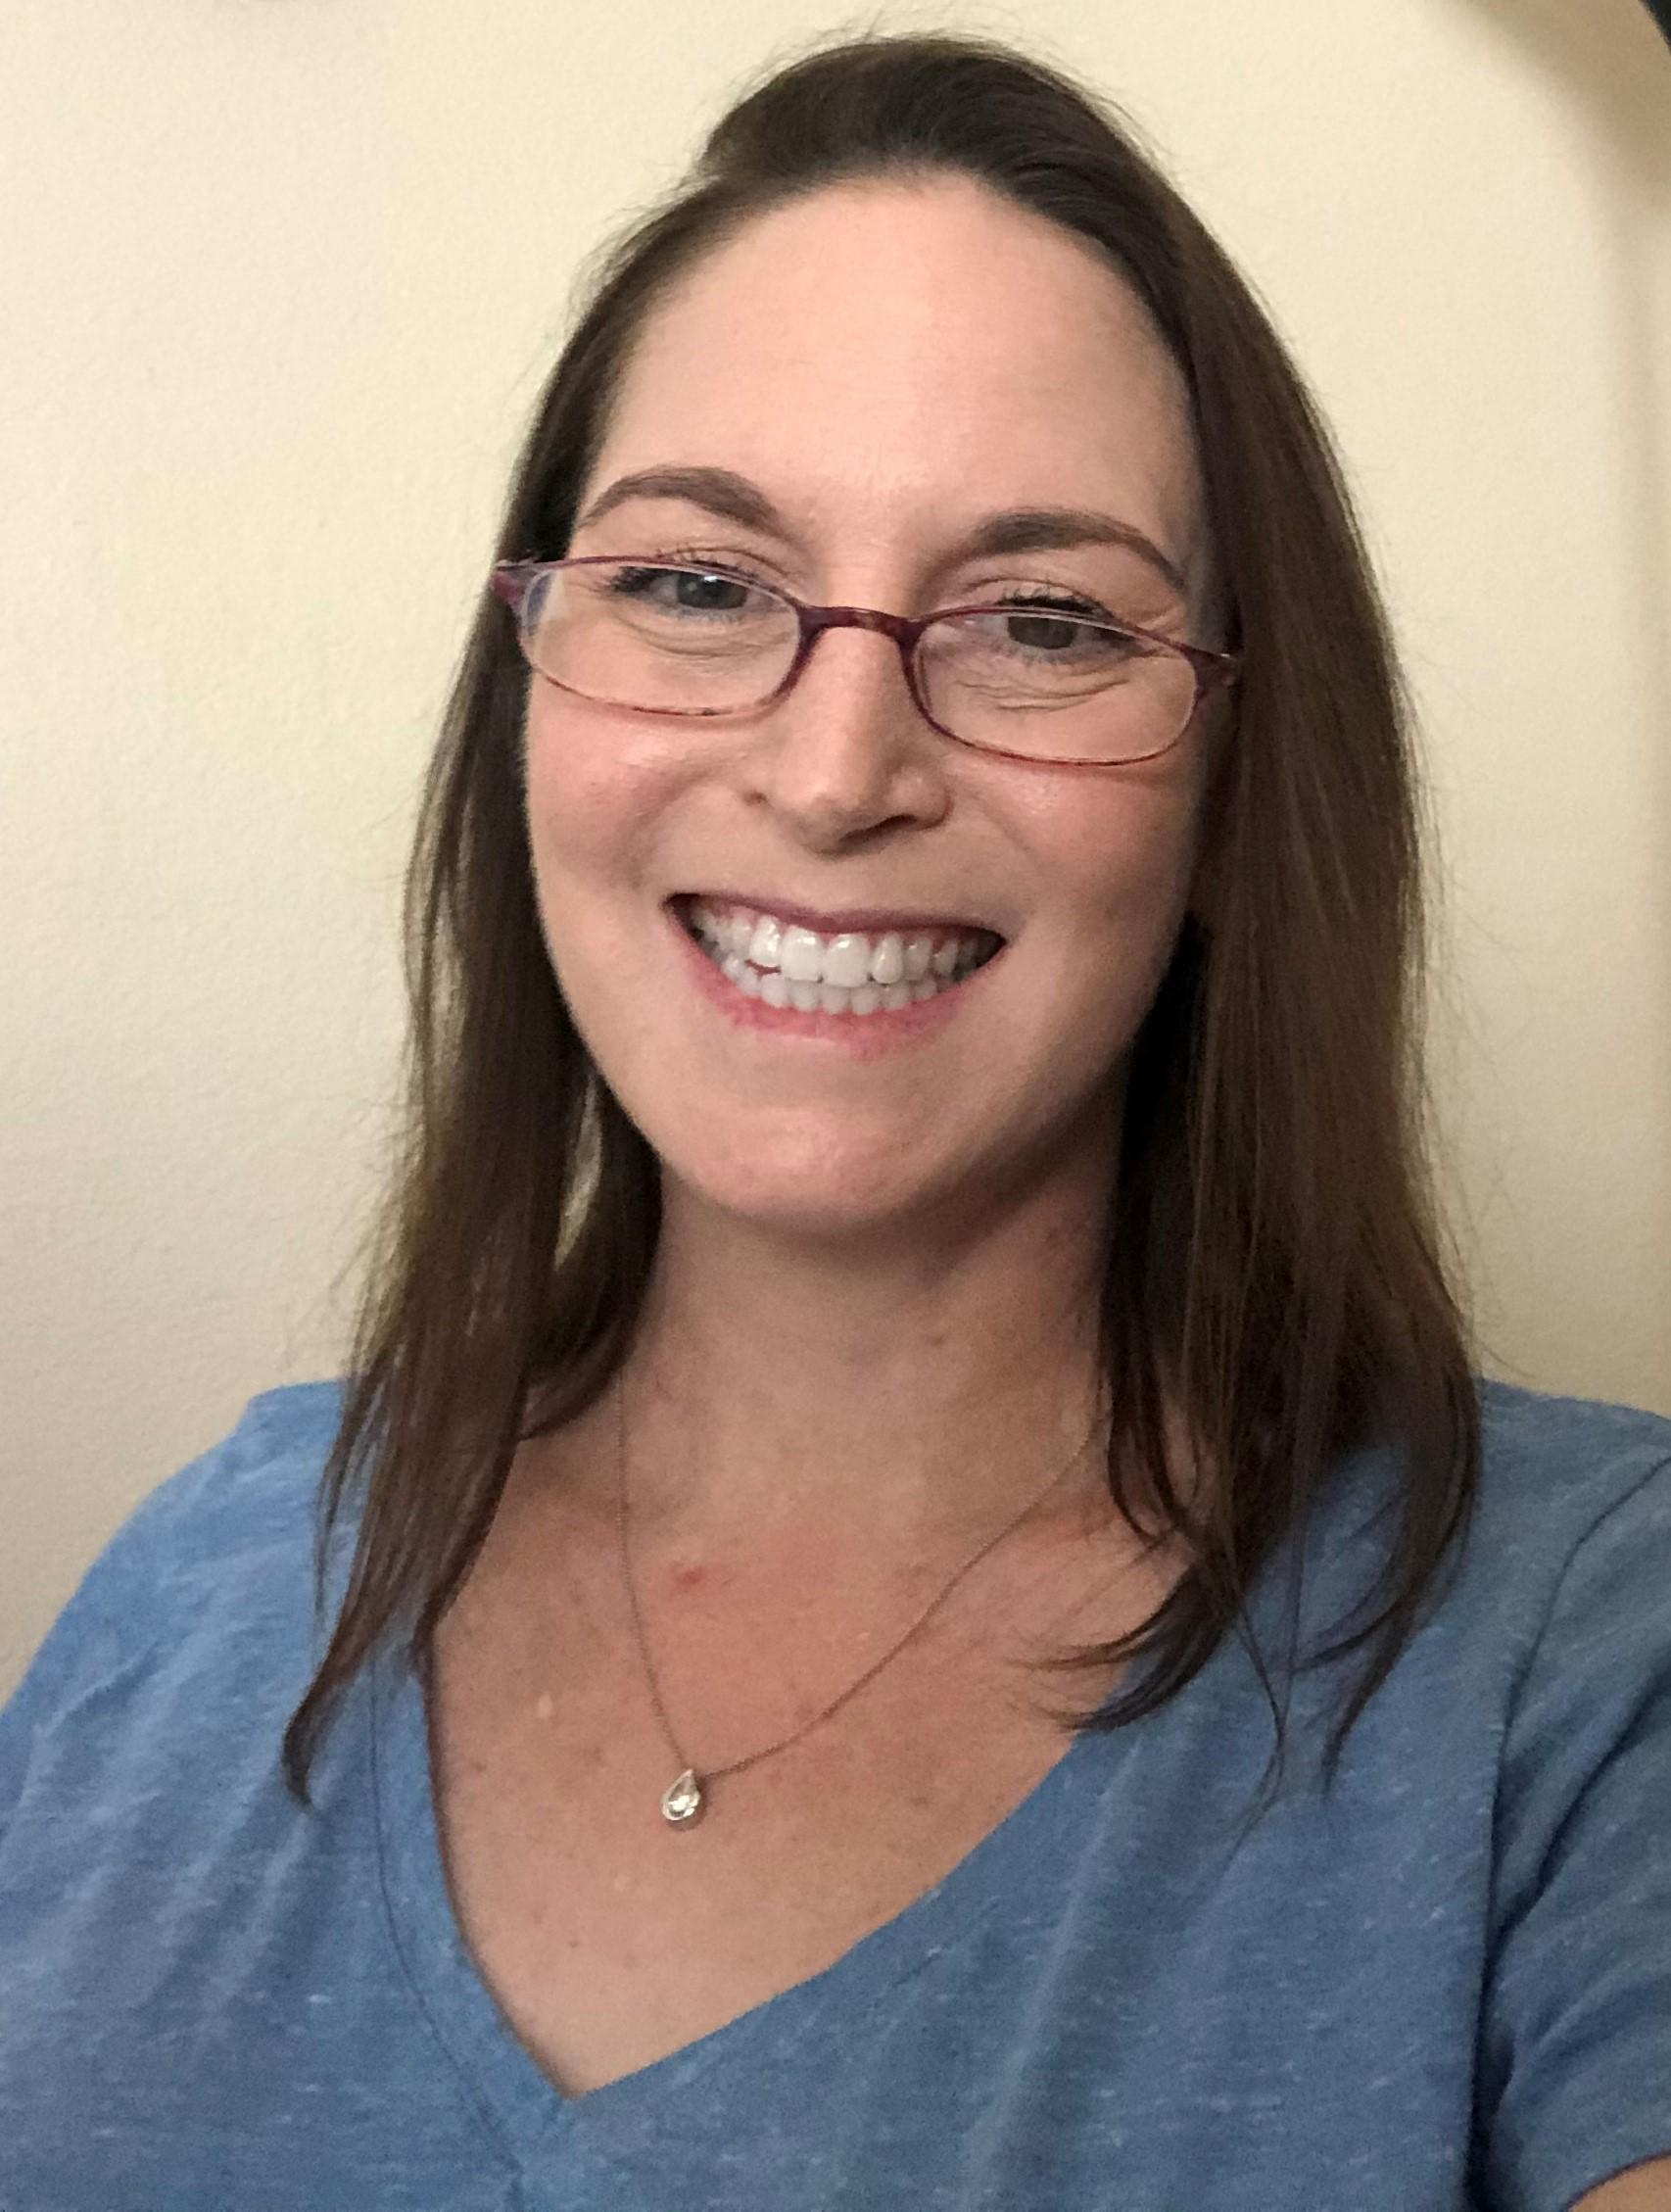 Laura Beimler